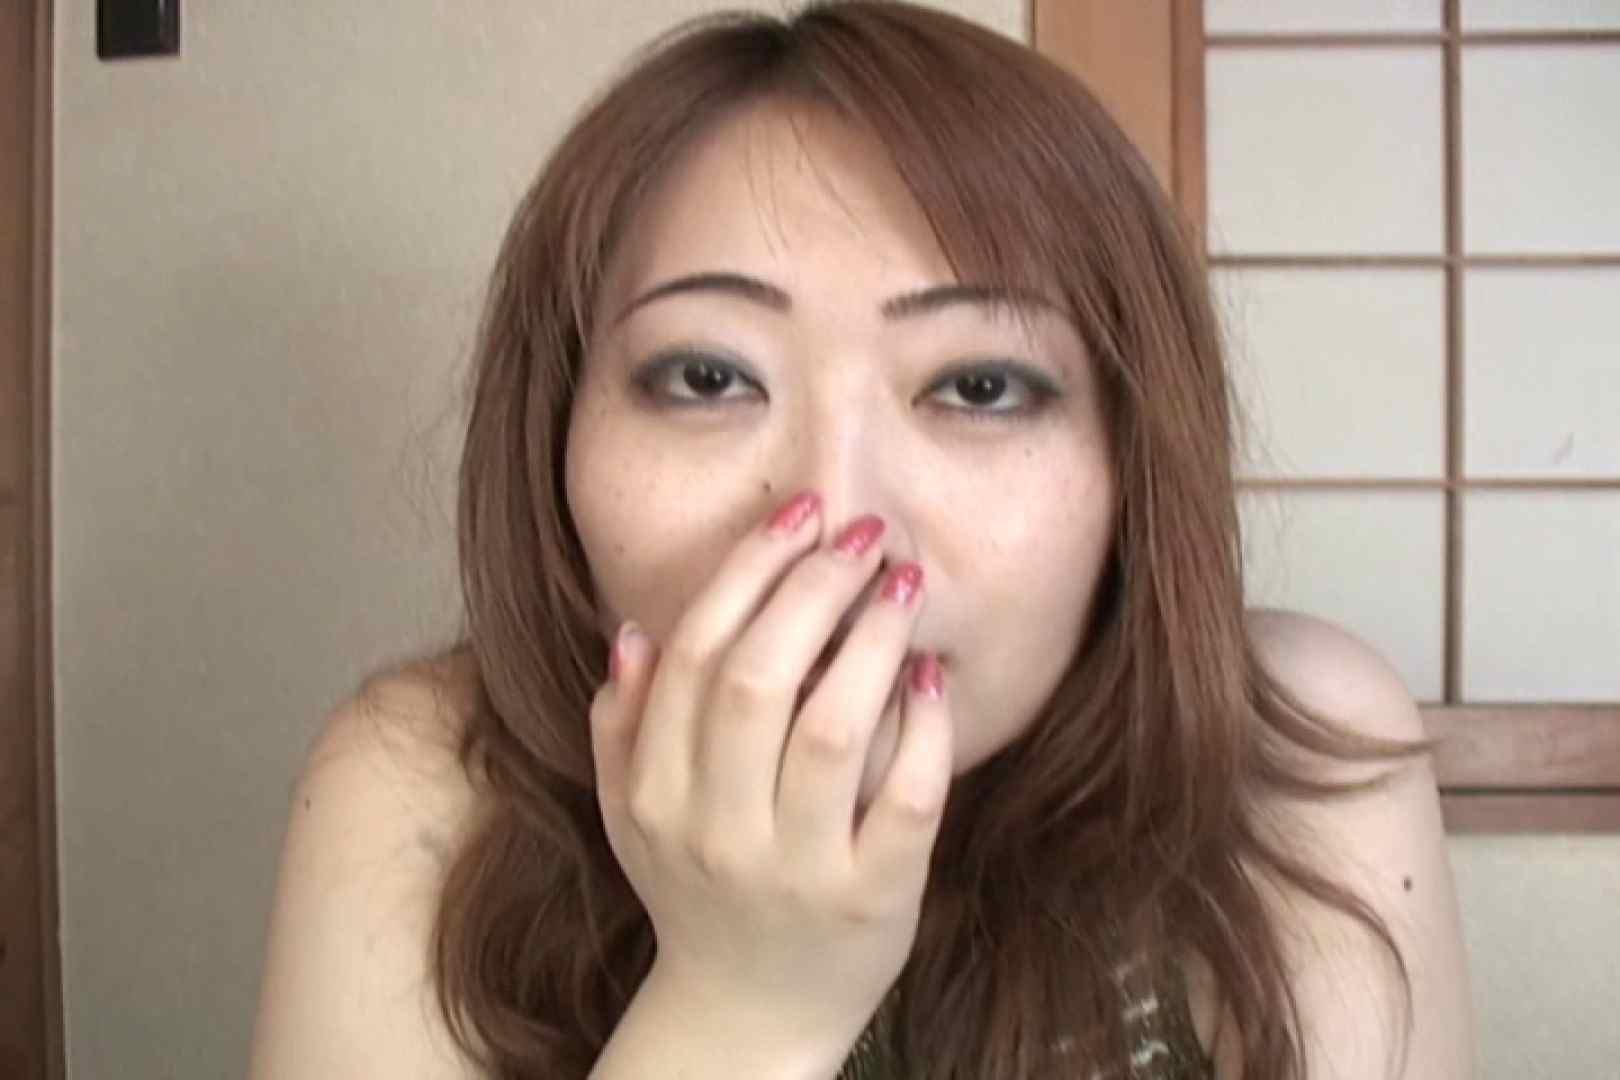 仕事で月200本のチンポを相手する22歳若人妻~桜井あい~ 本番  55pic 51